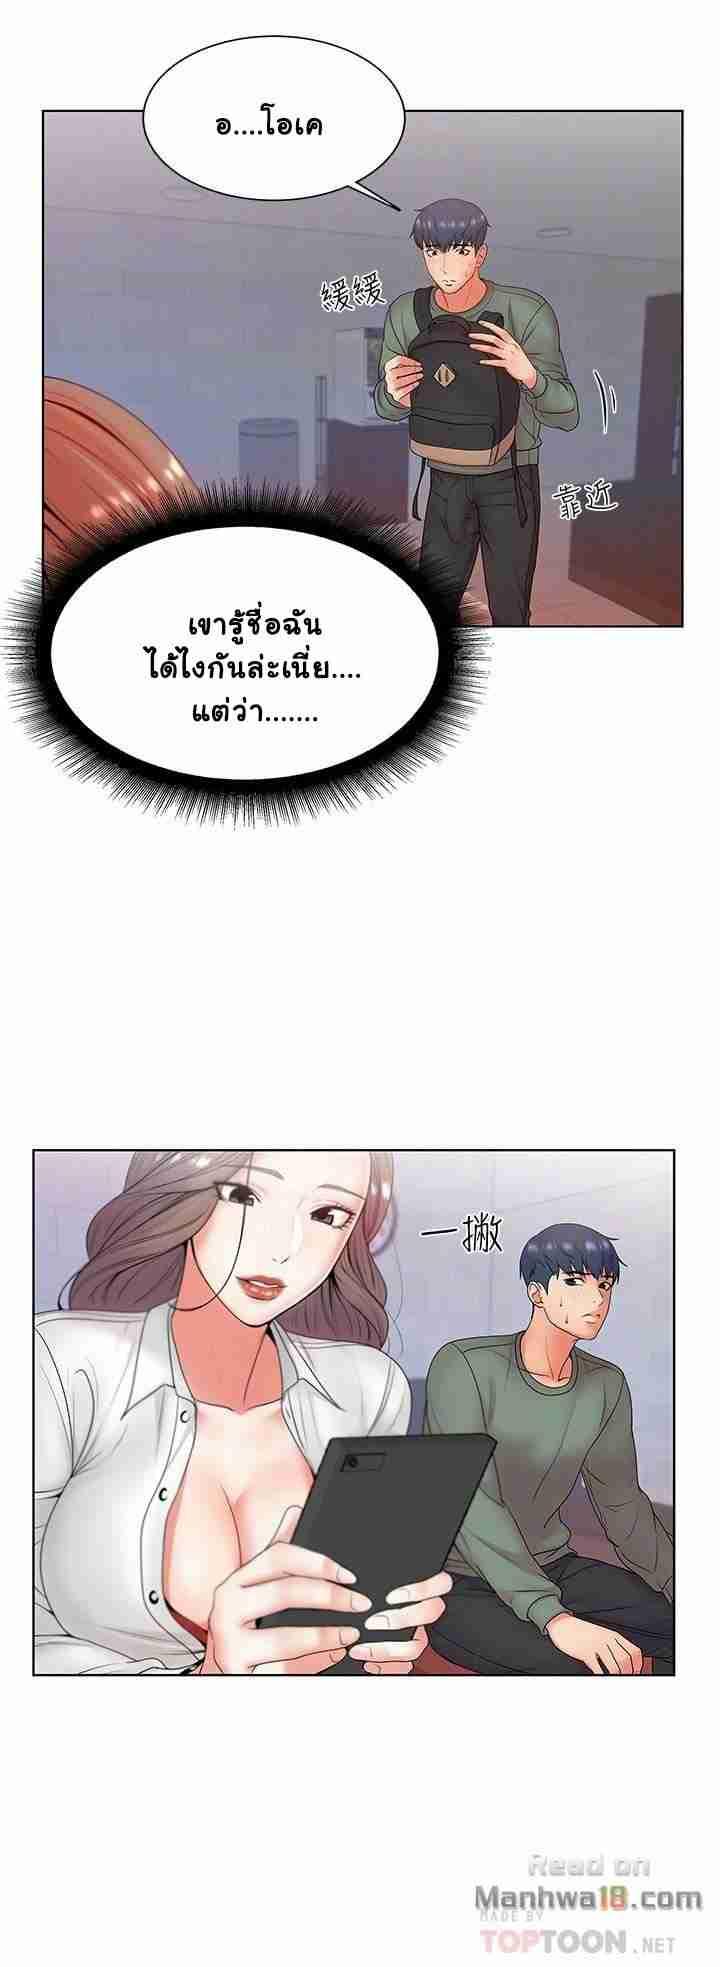 โดจิน Doujin คุณพี่สาวร้านค้า(6)2